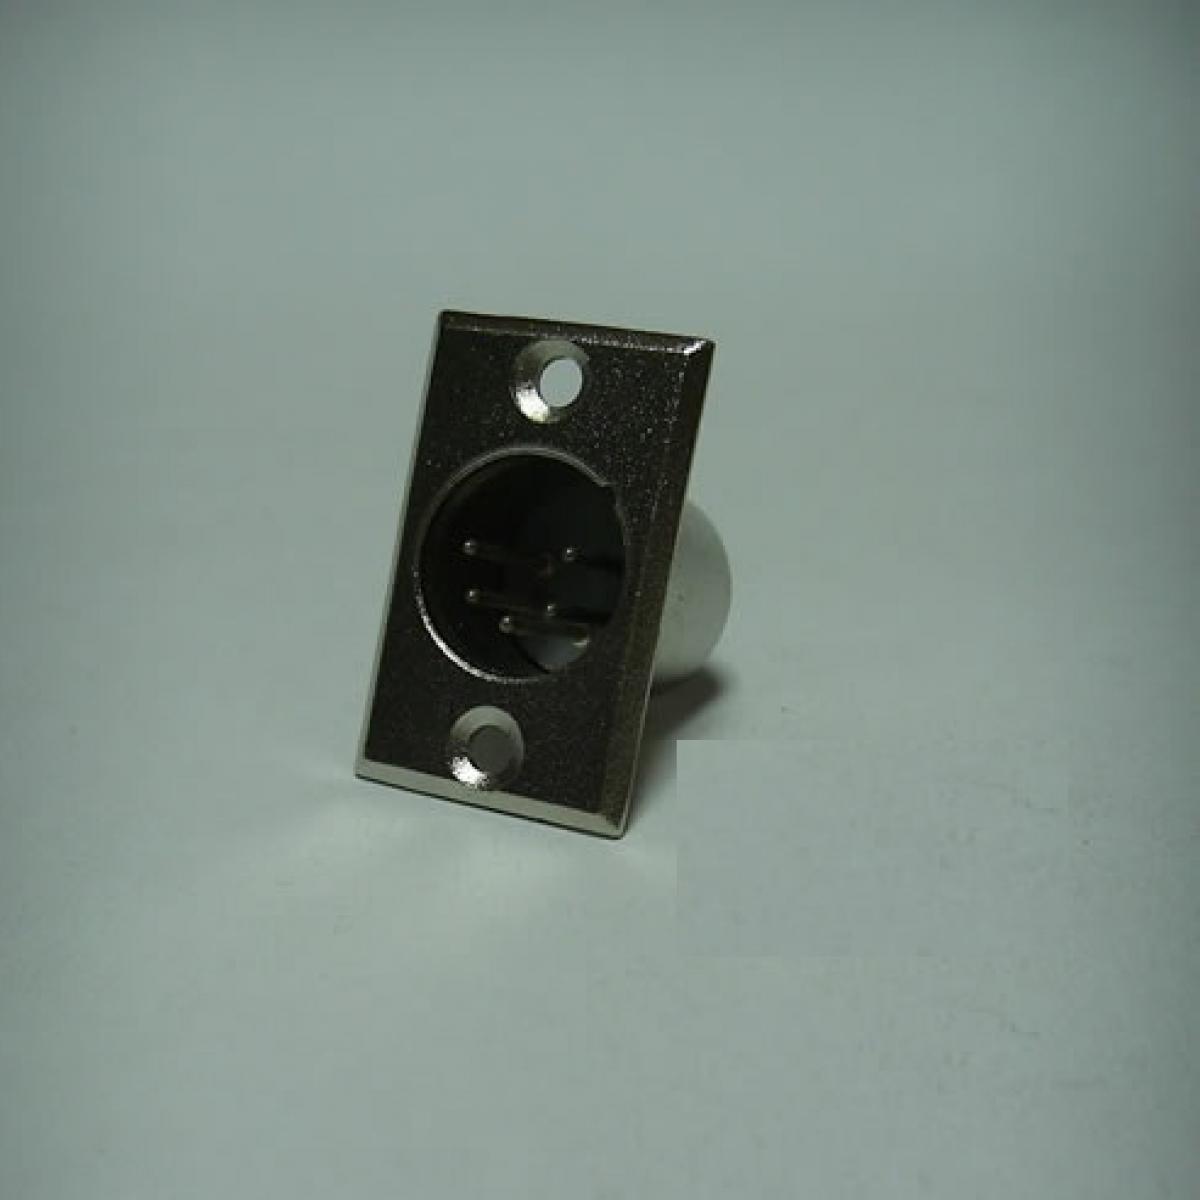 JR 2905/5P 5 PİN ŞASE ERKEK KANON